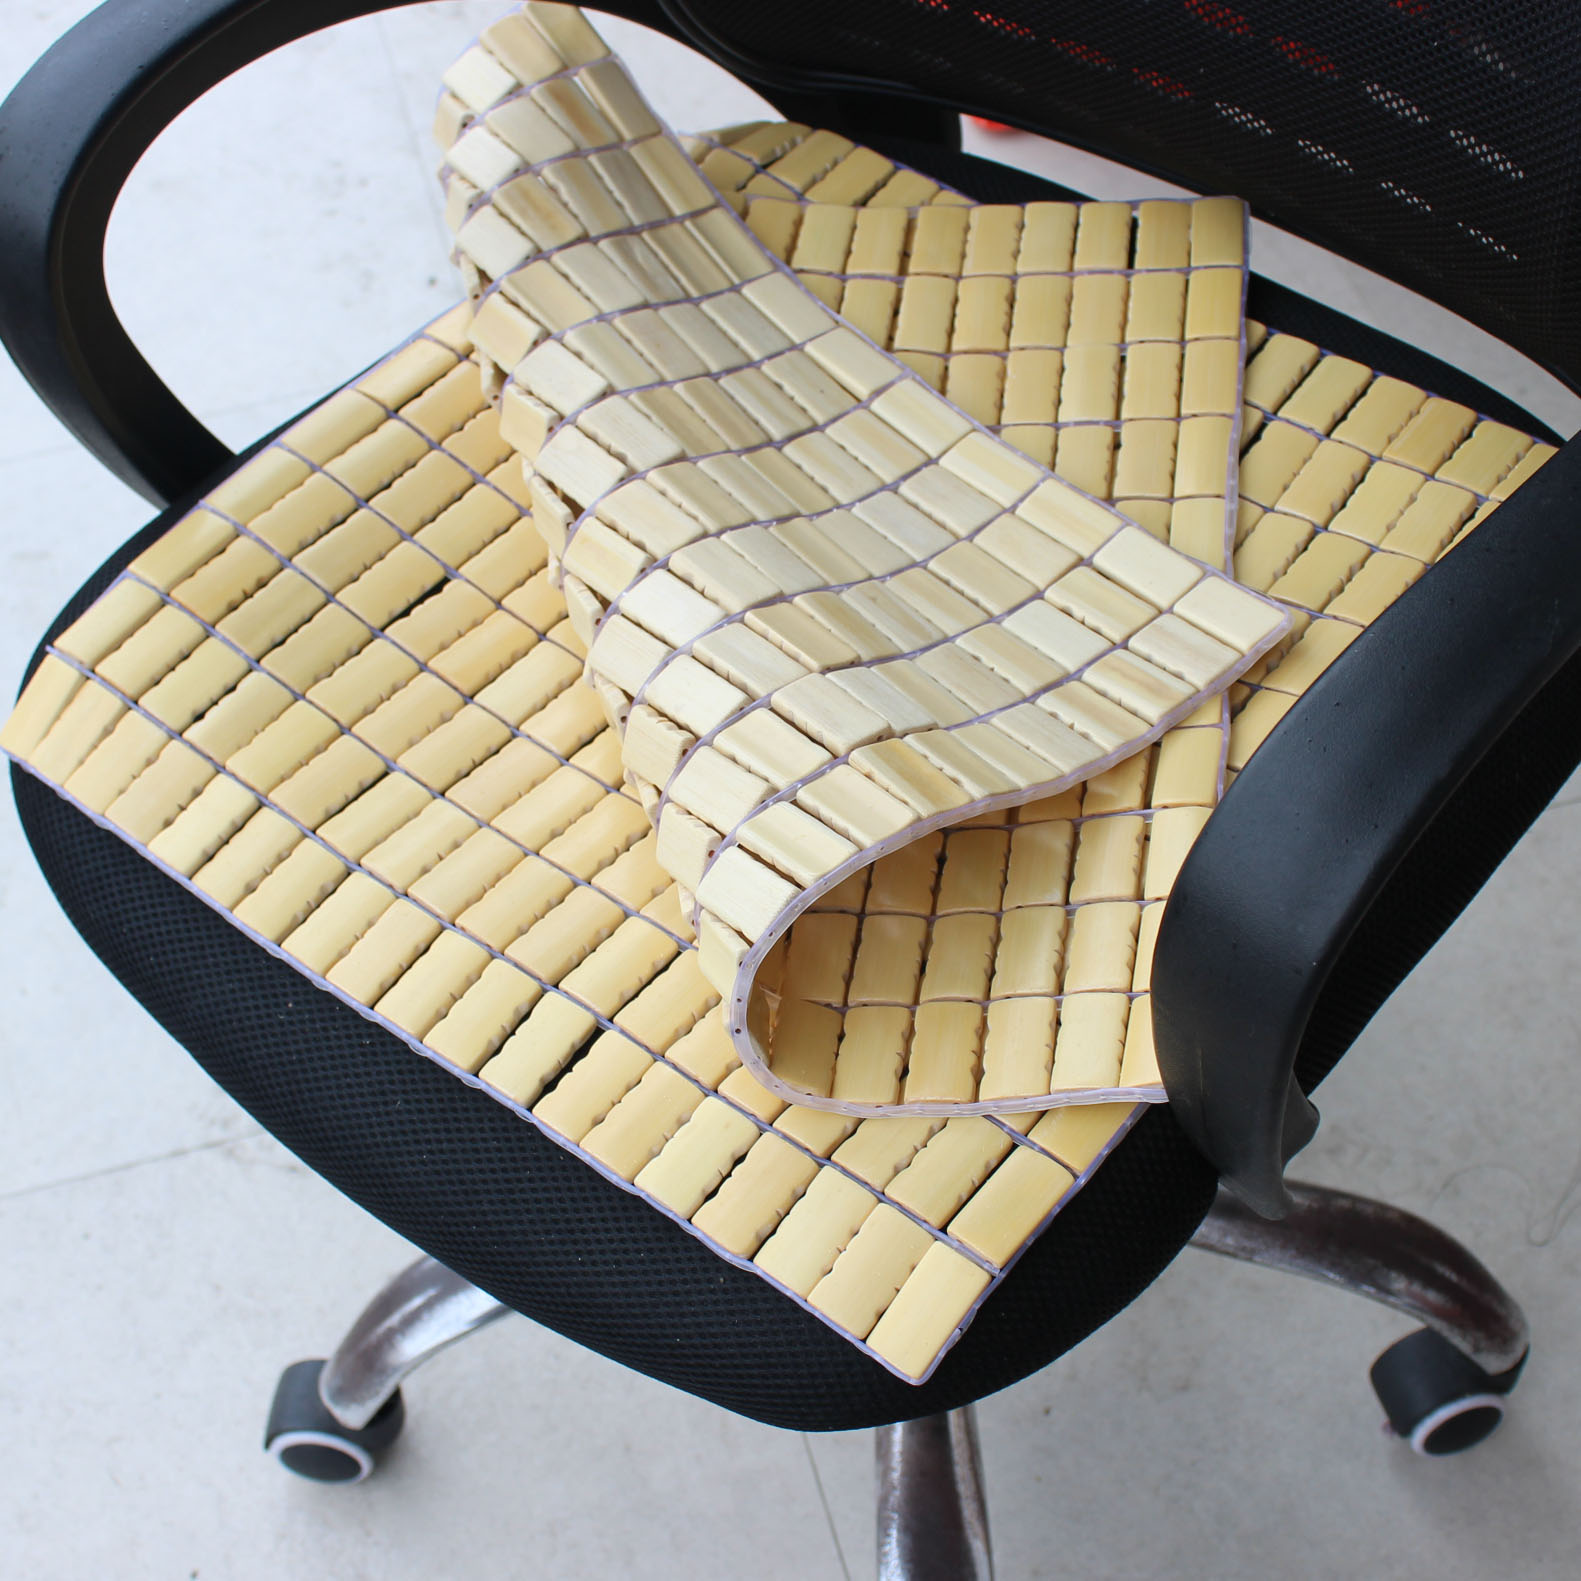 夏季麻将坐垫 办公室椅子座垫 餐椅座椅垫夏天凉席垫子电脑椅竹垫